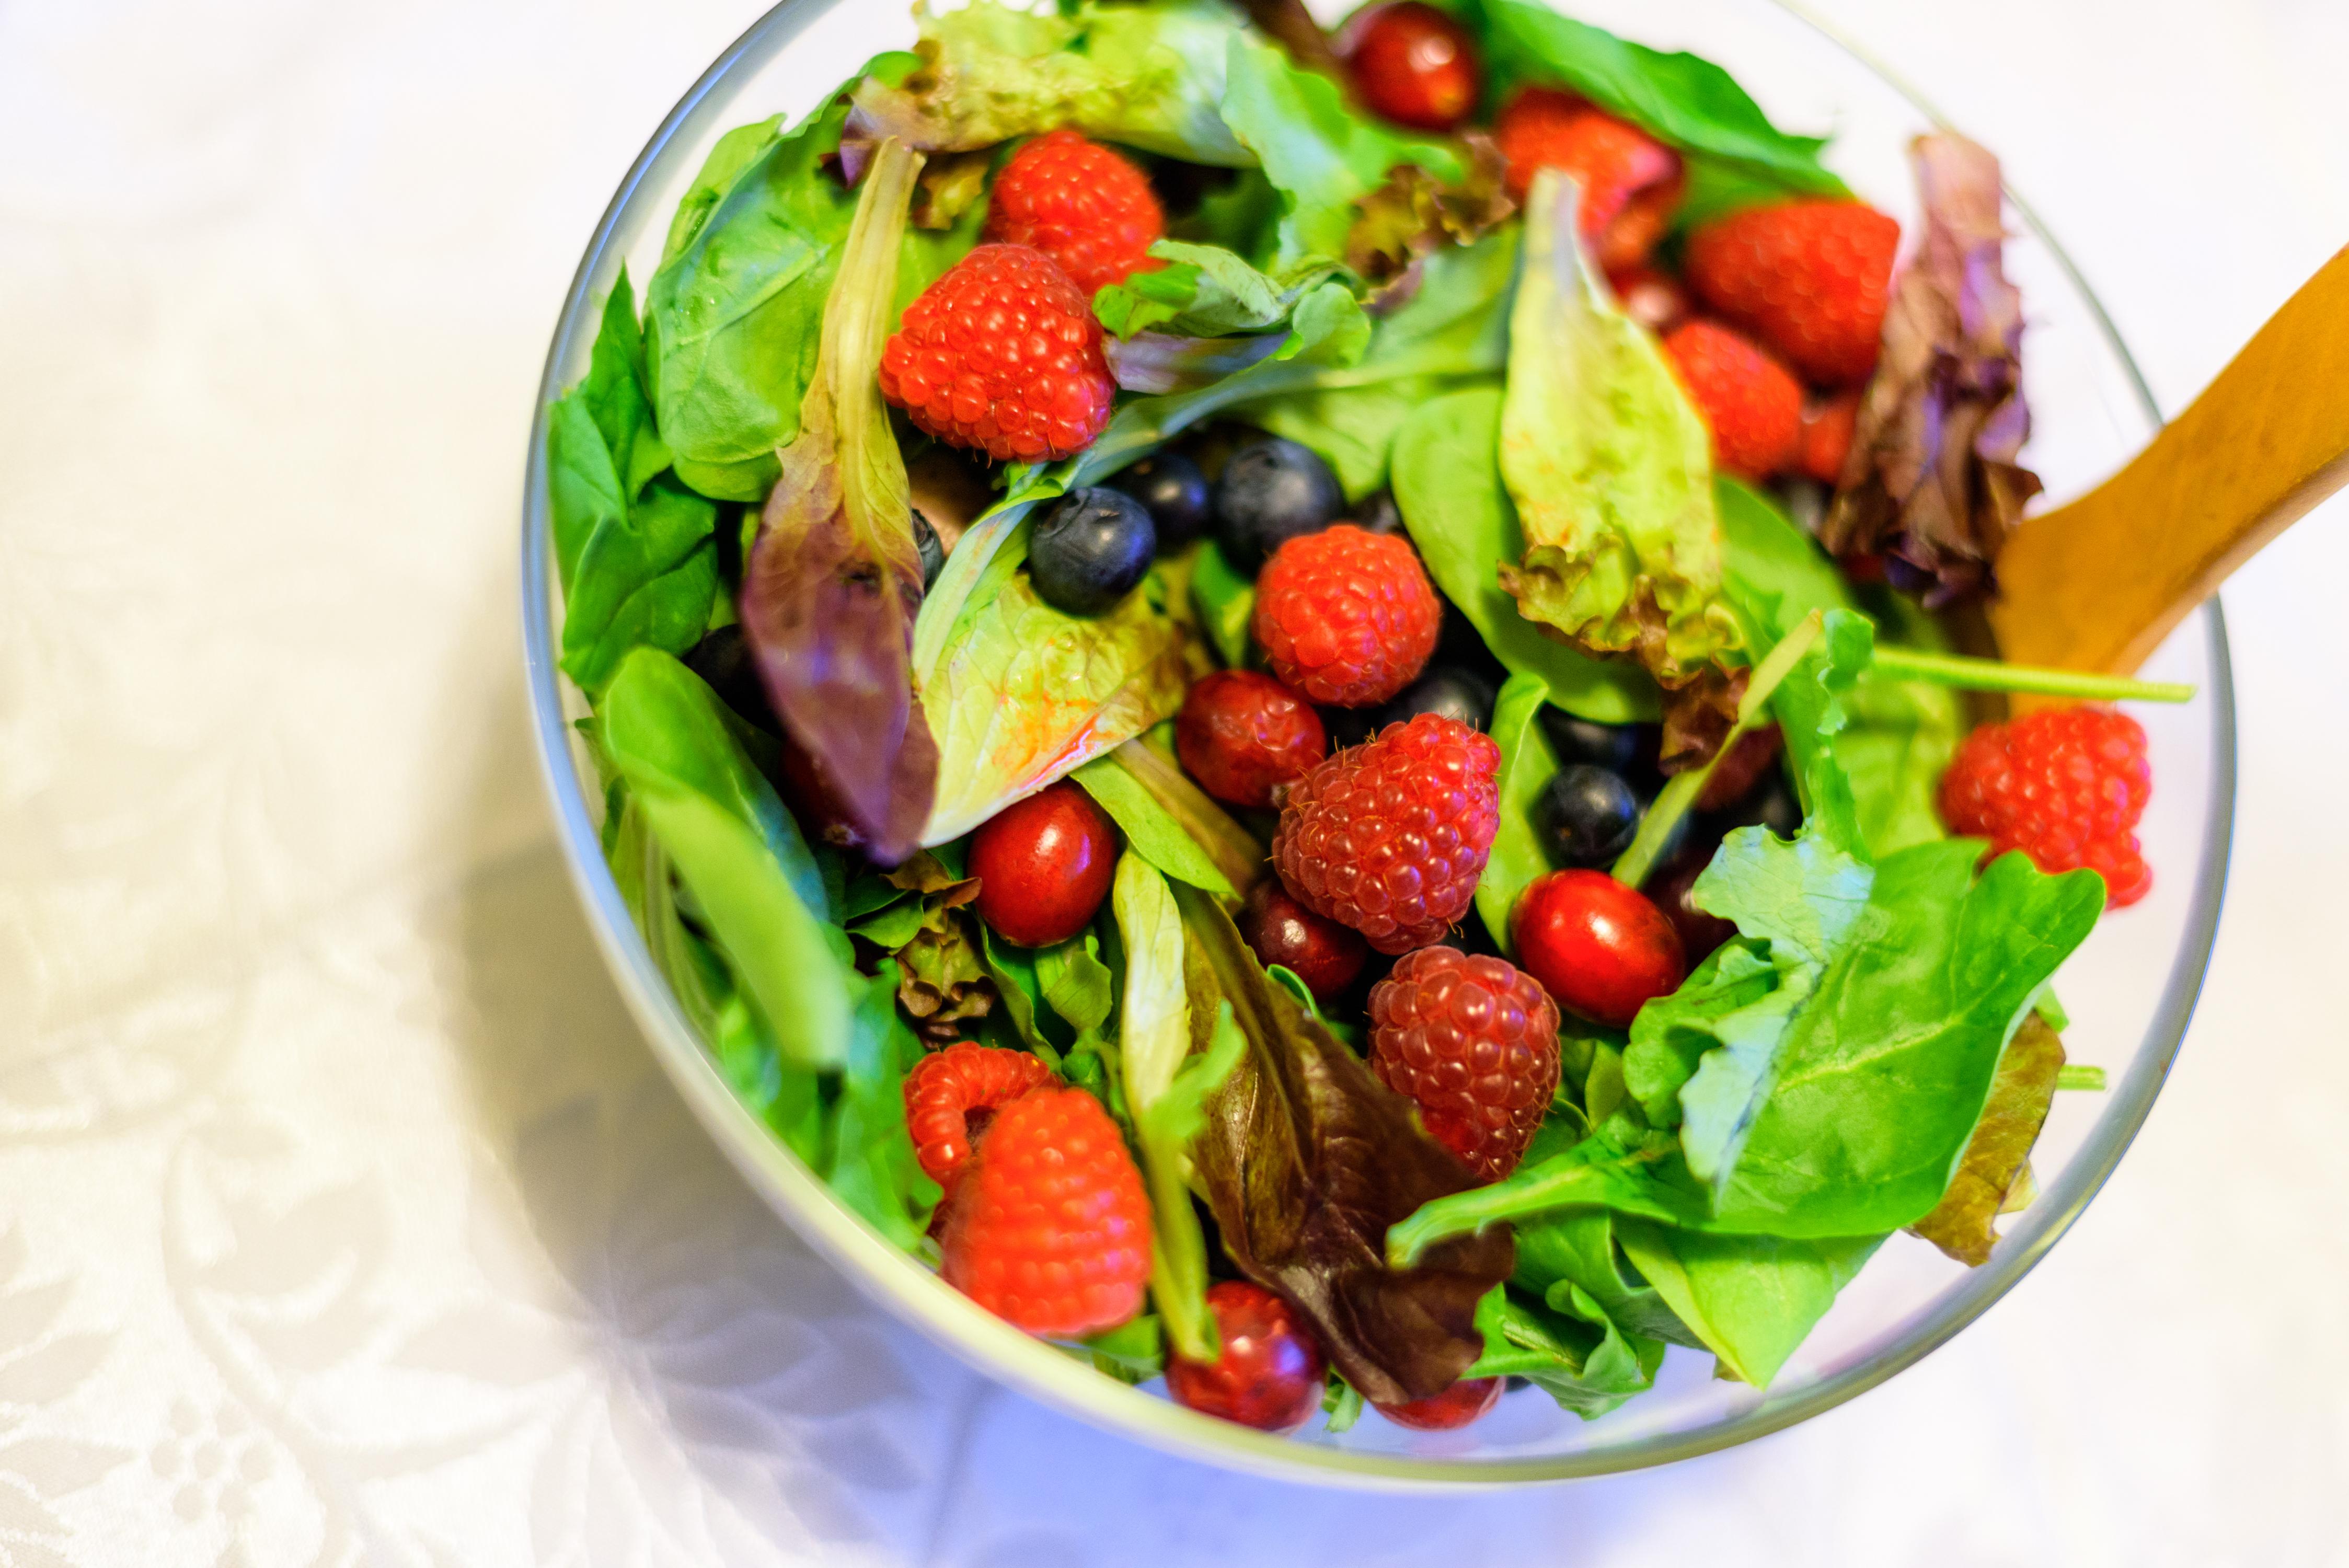 اهتمى بالأطباق الغنية بالفاكهة fkh_blkhdr.jpg